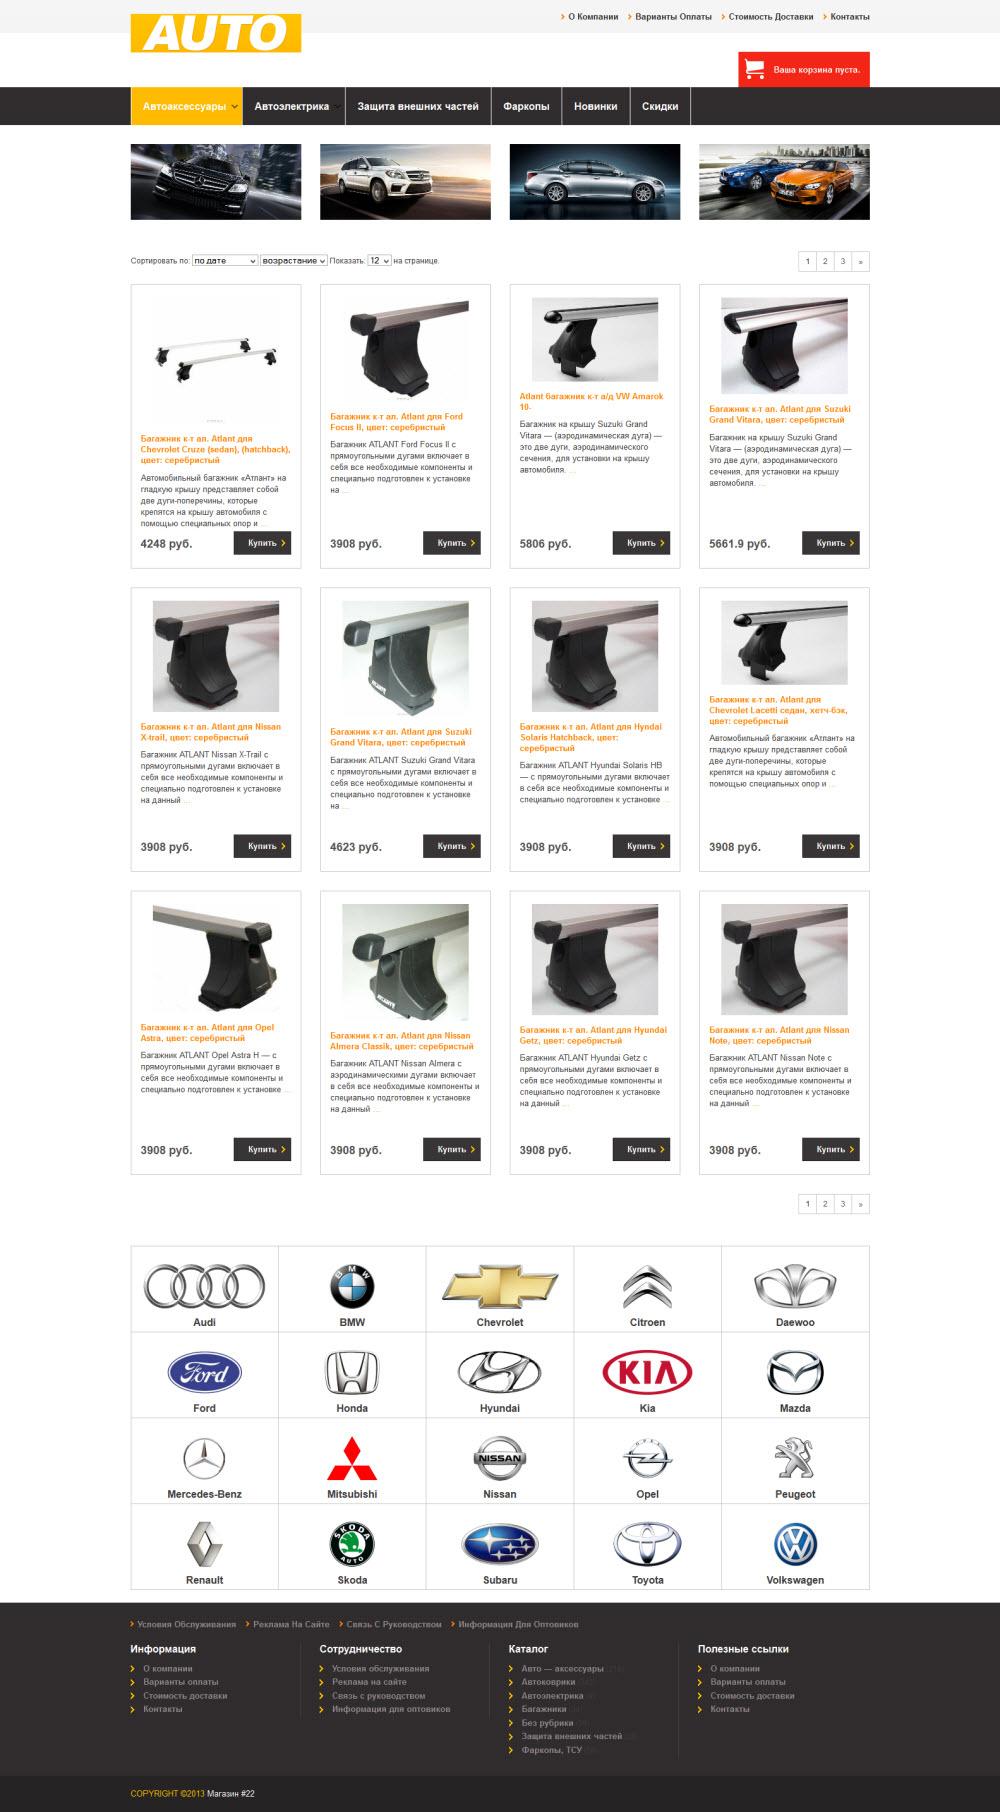 Адаптивная тема WP Shop #22: Авто запчасти, аксессуары, автомасла, шины, диски